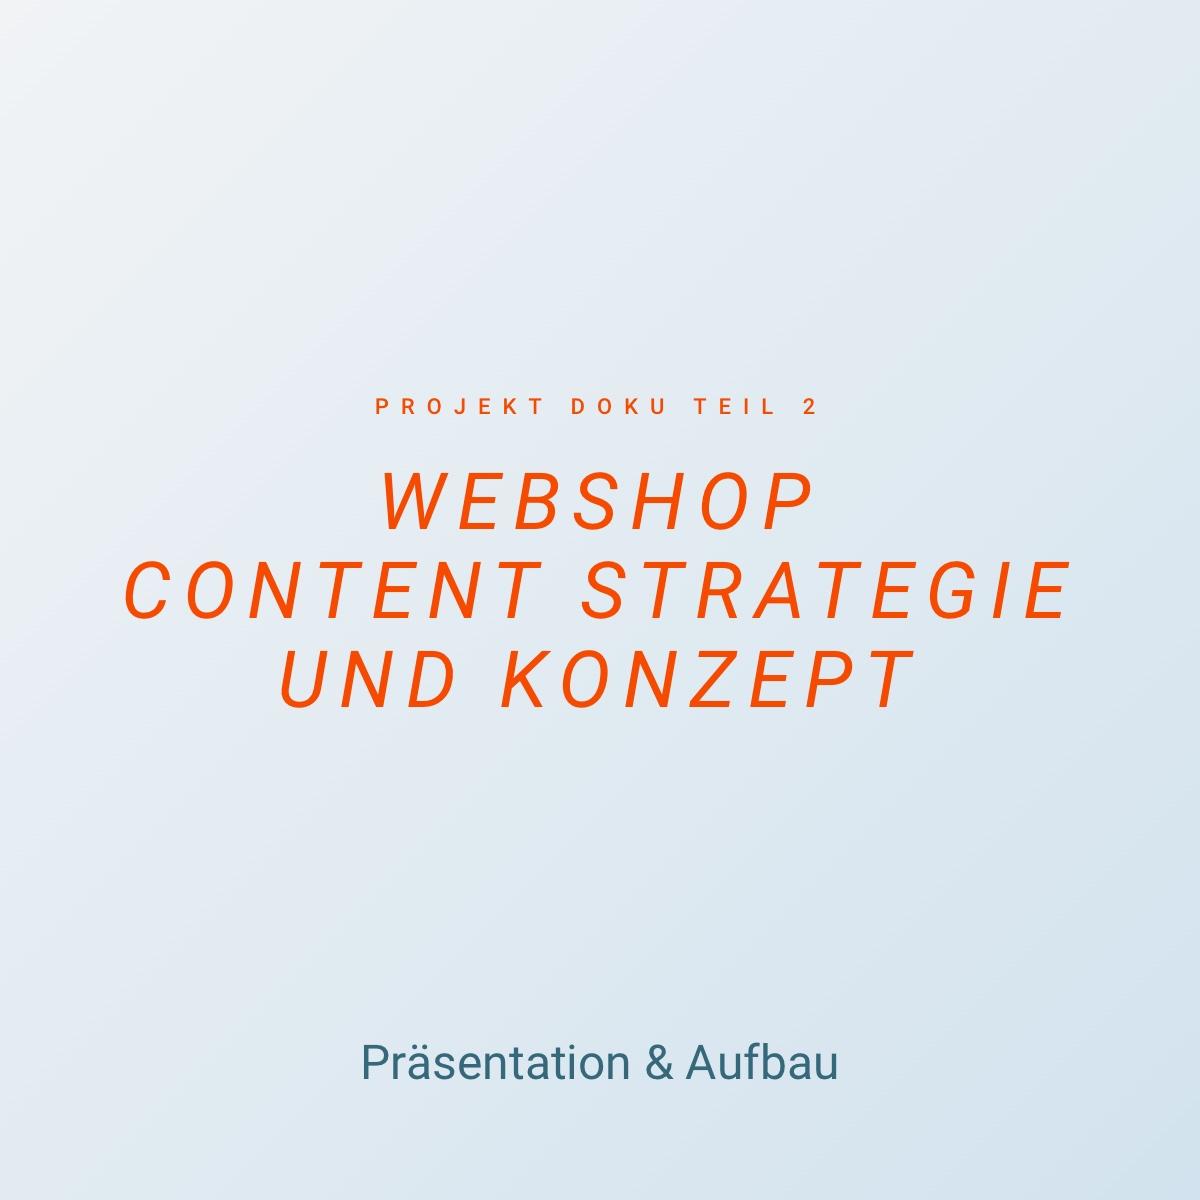 Webshop Content Strategie und Konzept - Präsentation & Aufbau - Doku 2